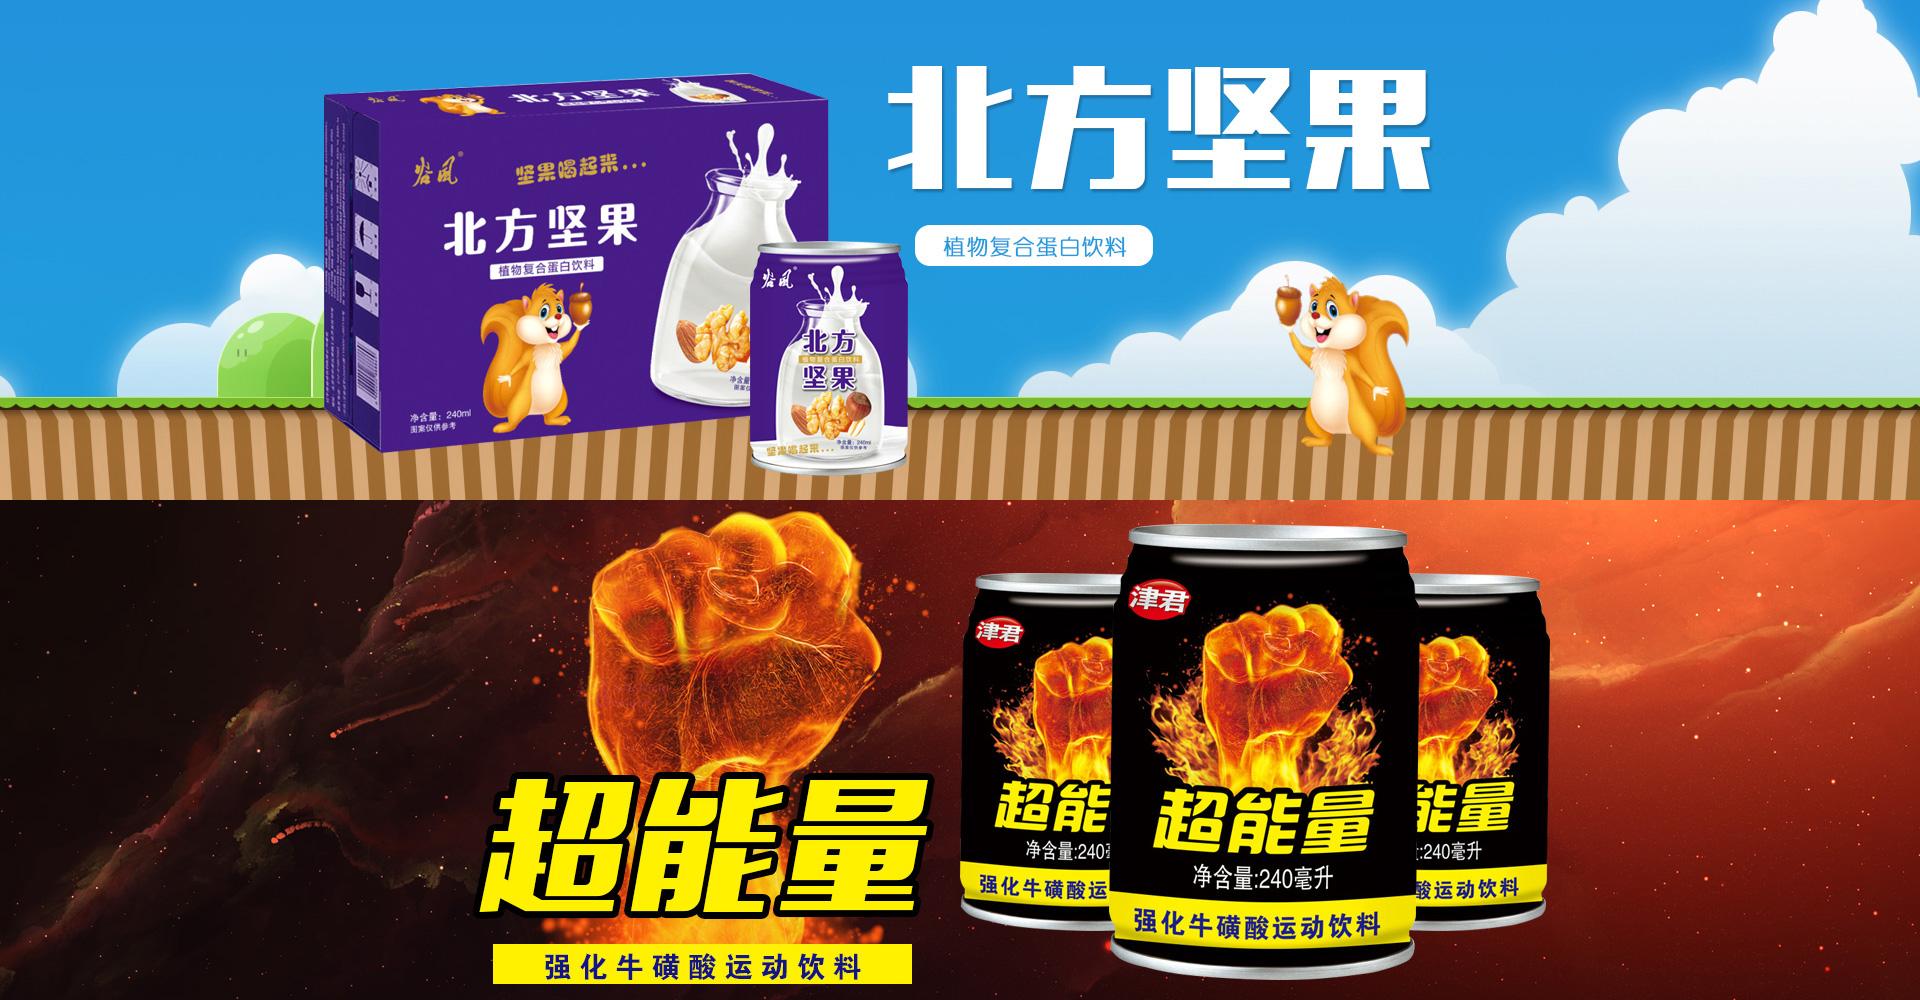 潍坊瑞联海洋食品有限公司